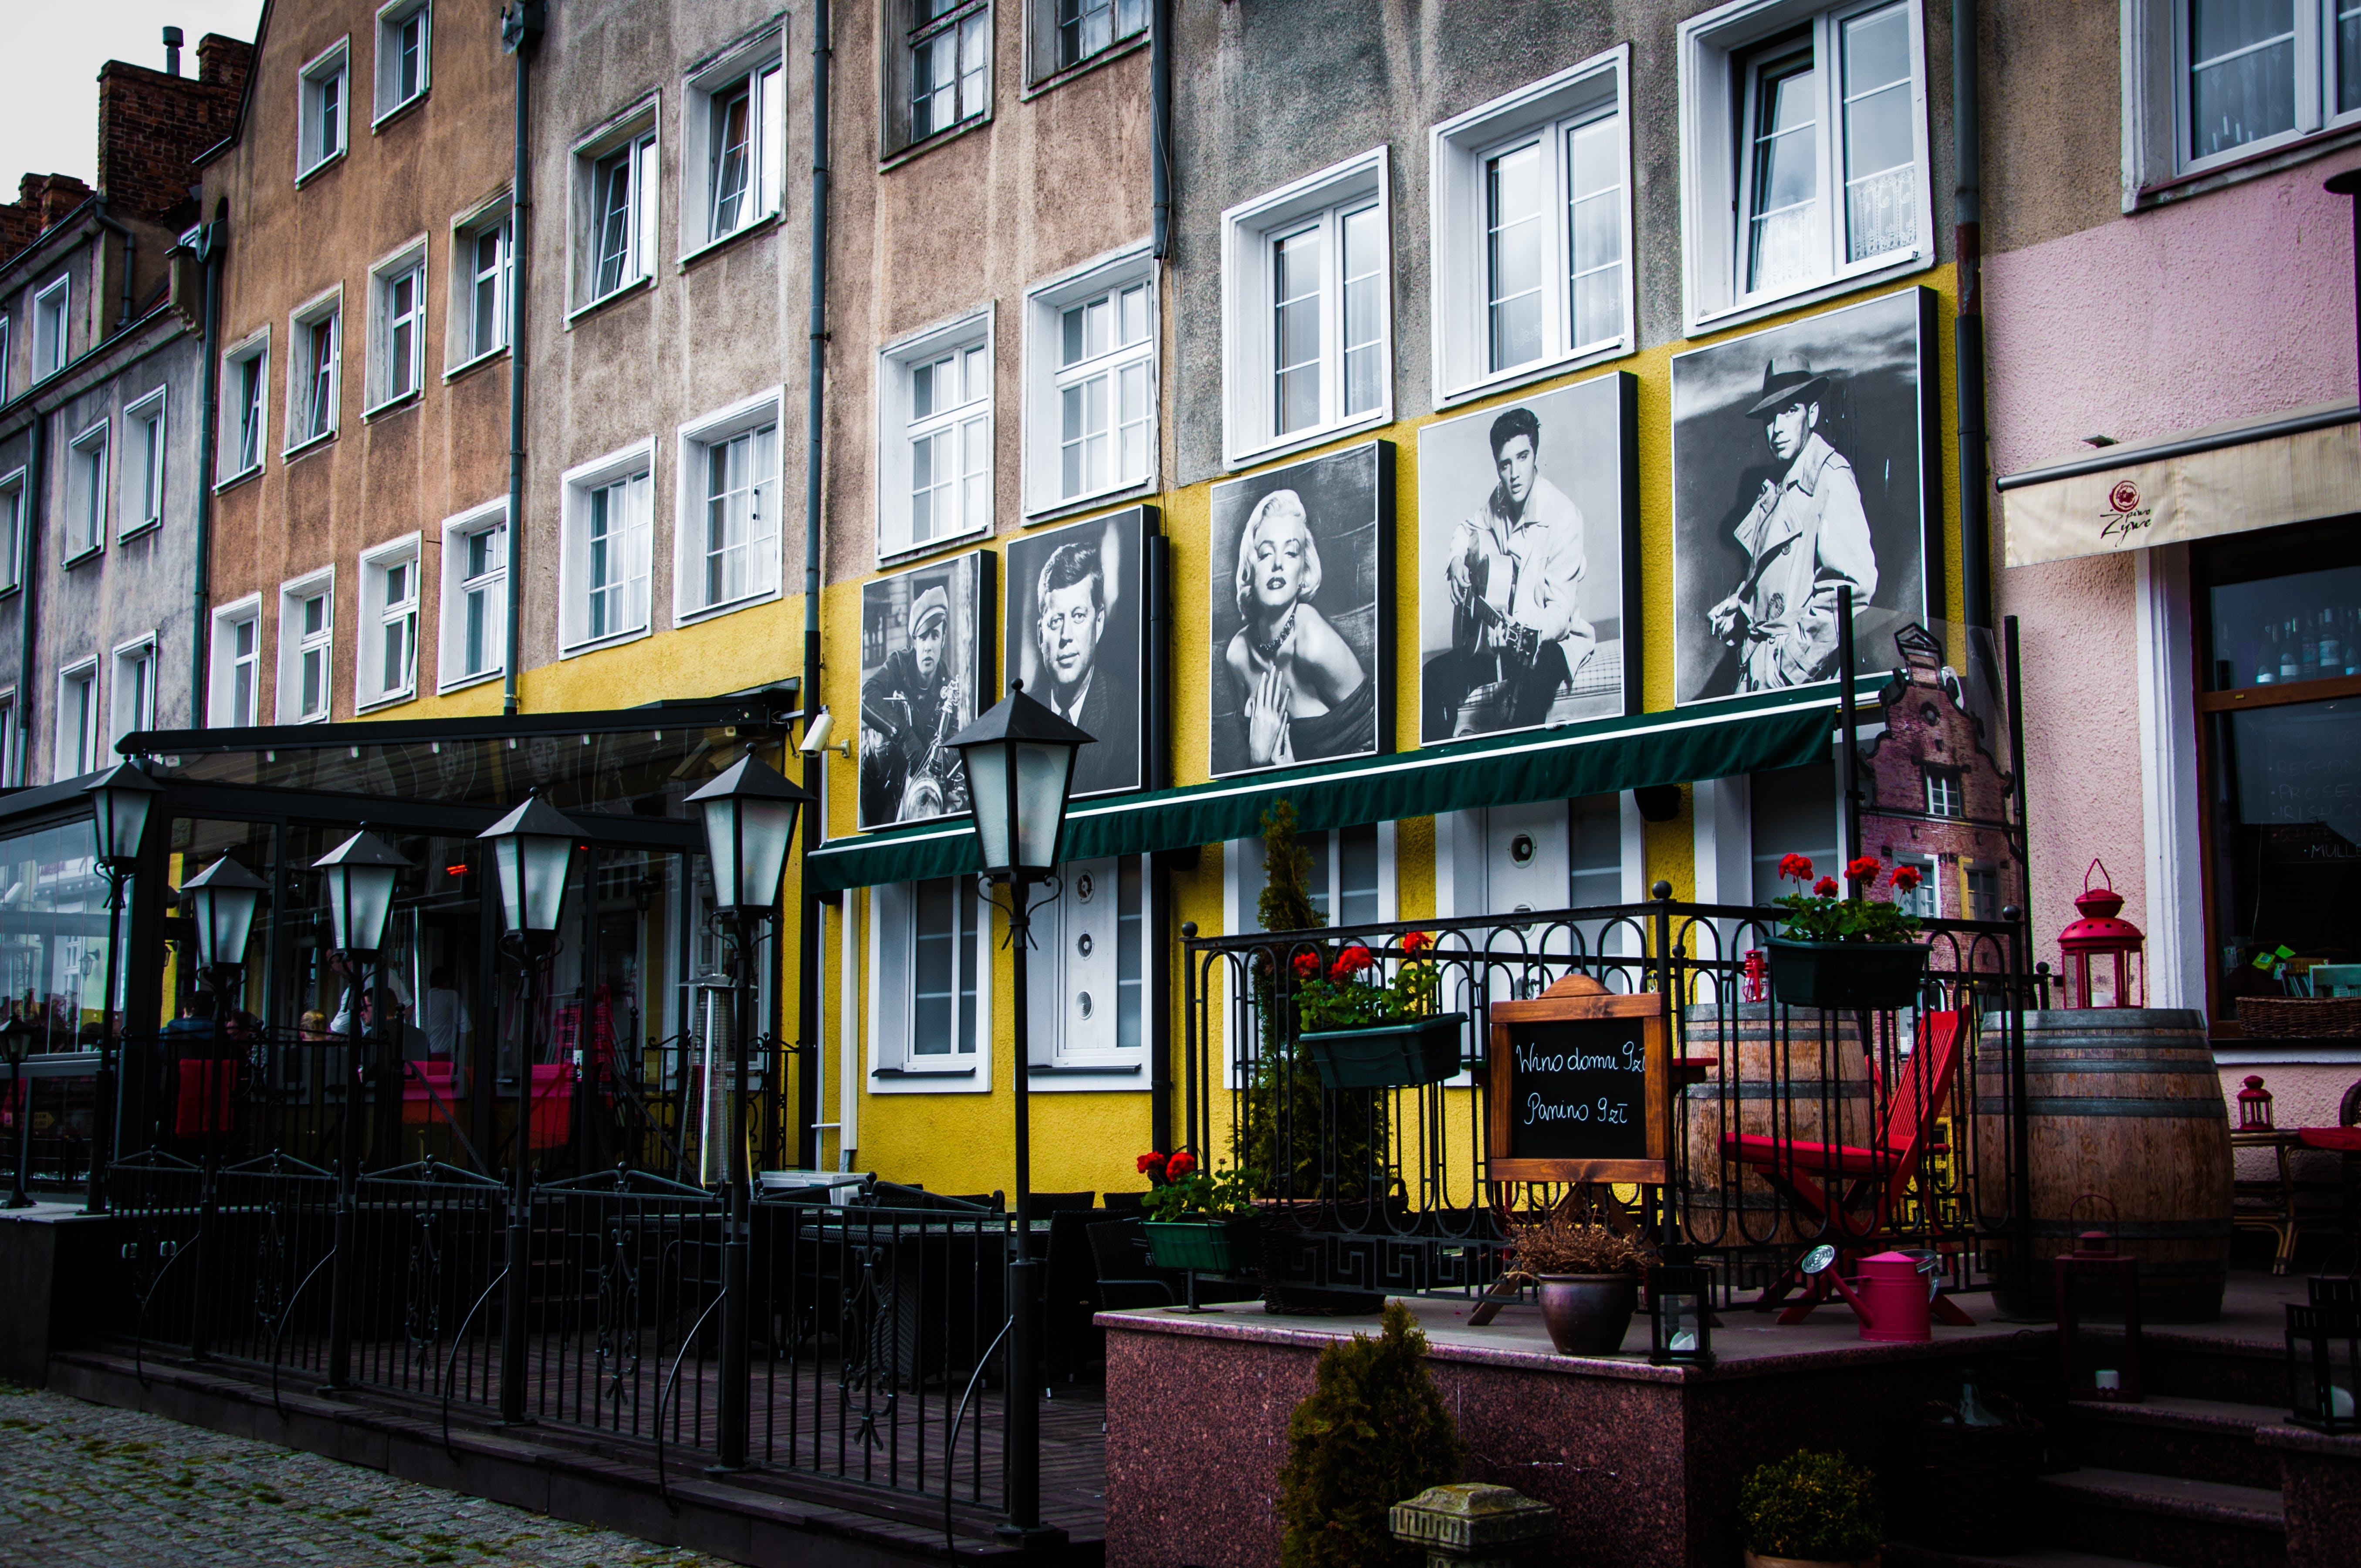 Δωρεάν στοκ φωτογραφιών με αρχιτεκτονική, αστικός, βαρέλι, γλάστρες